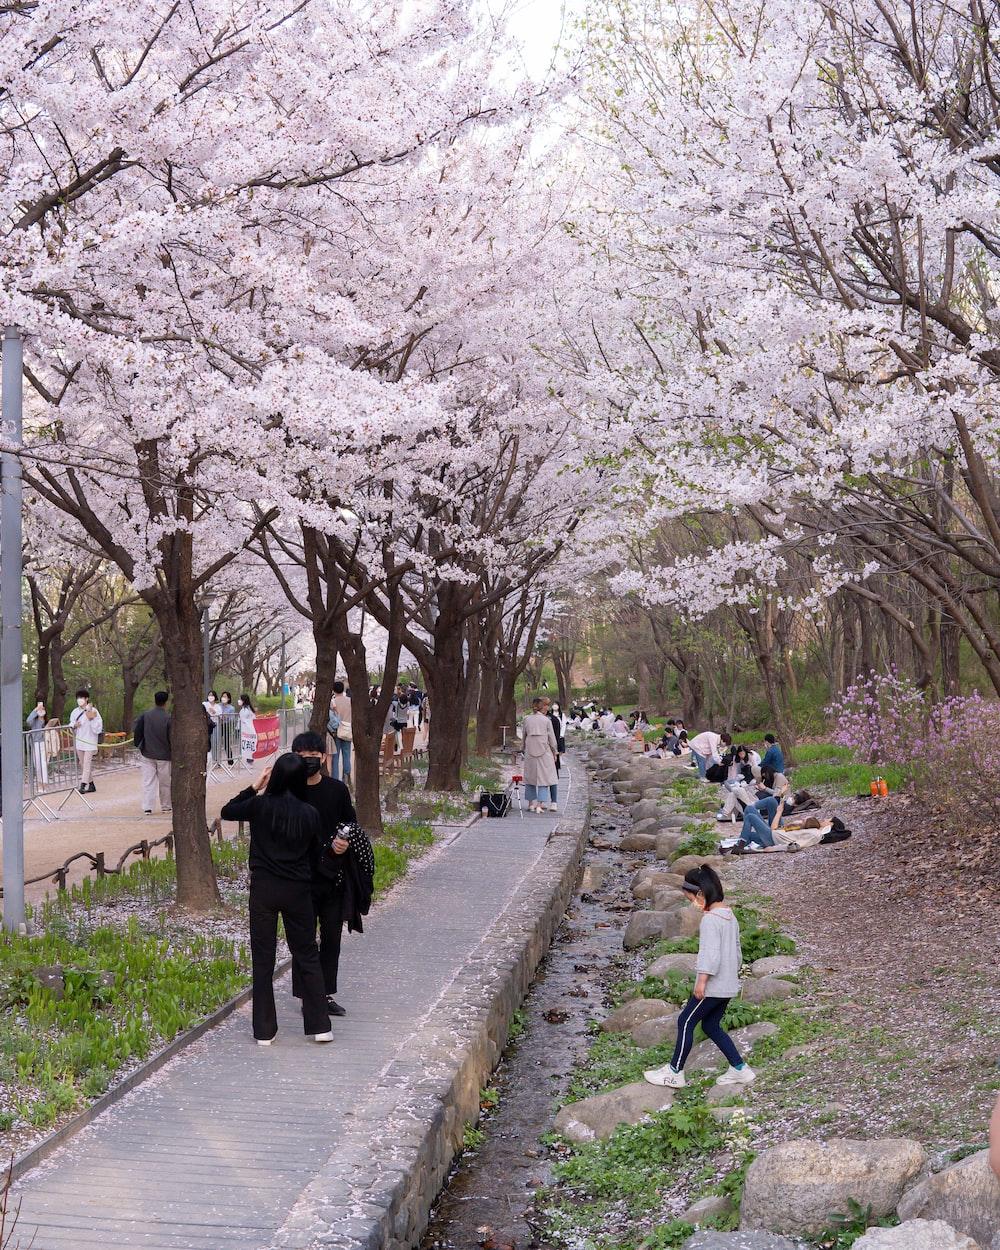 people walking on sidewalk during daytime